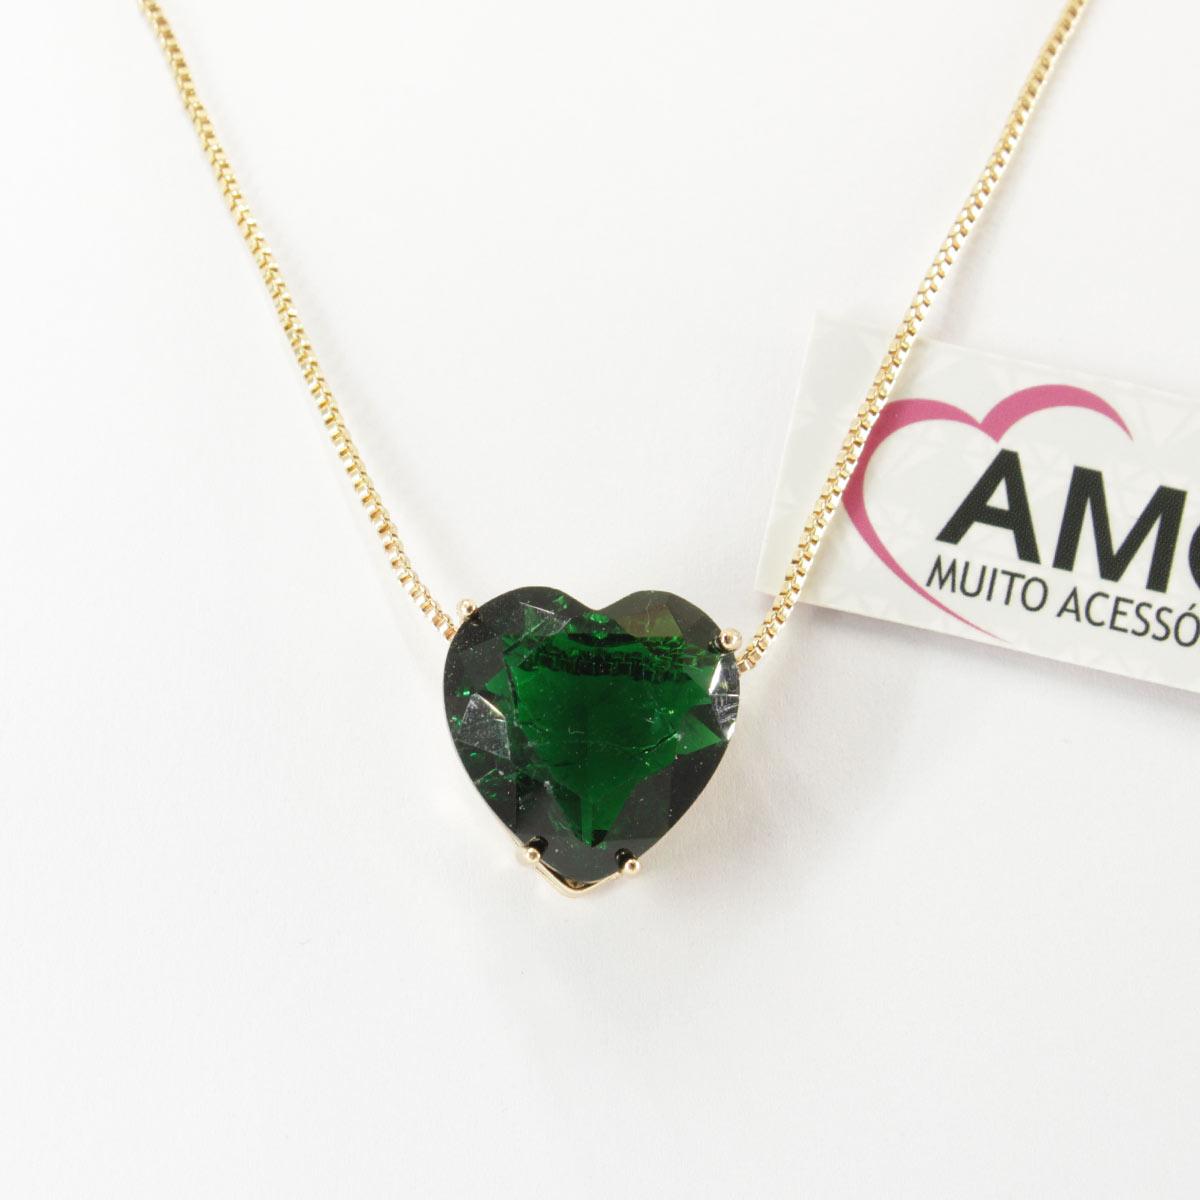 Colar de coração com pedra Verde Escuro- Corrente Dourada